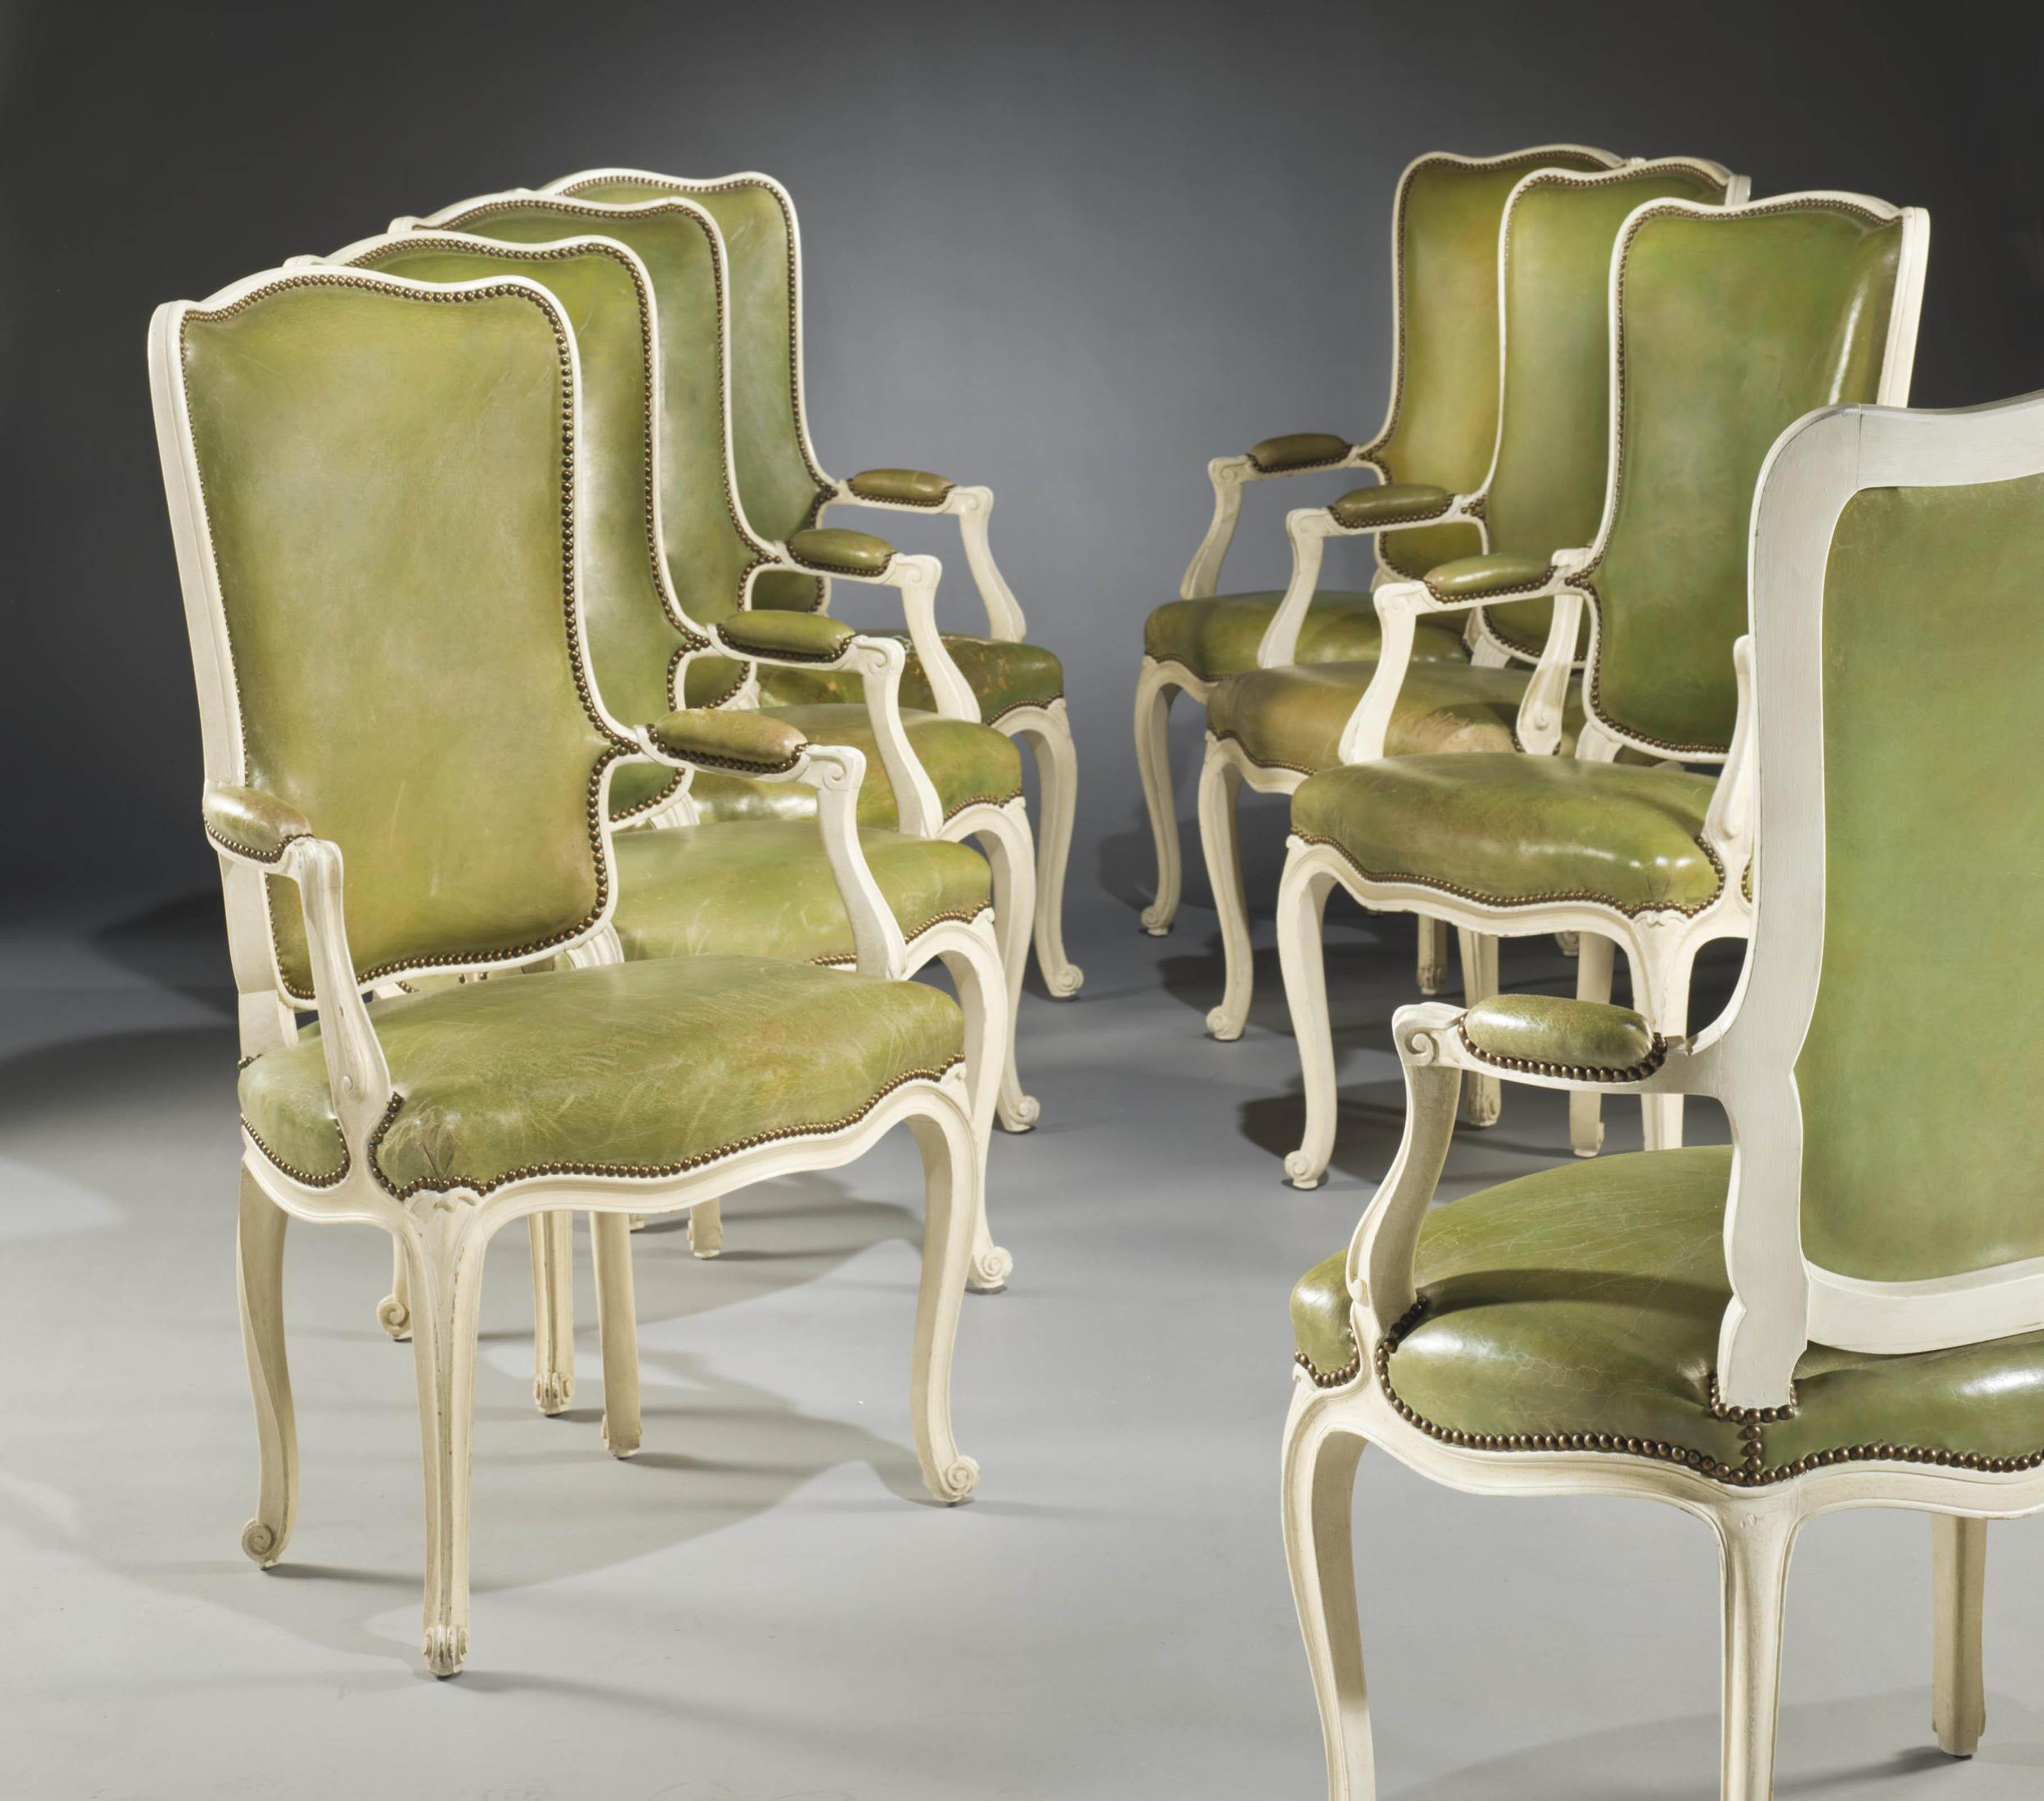 Huit fauteuils de salle a manger de style louis xv d for Modele de salle a manger